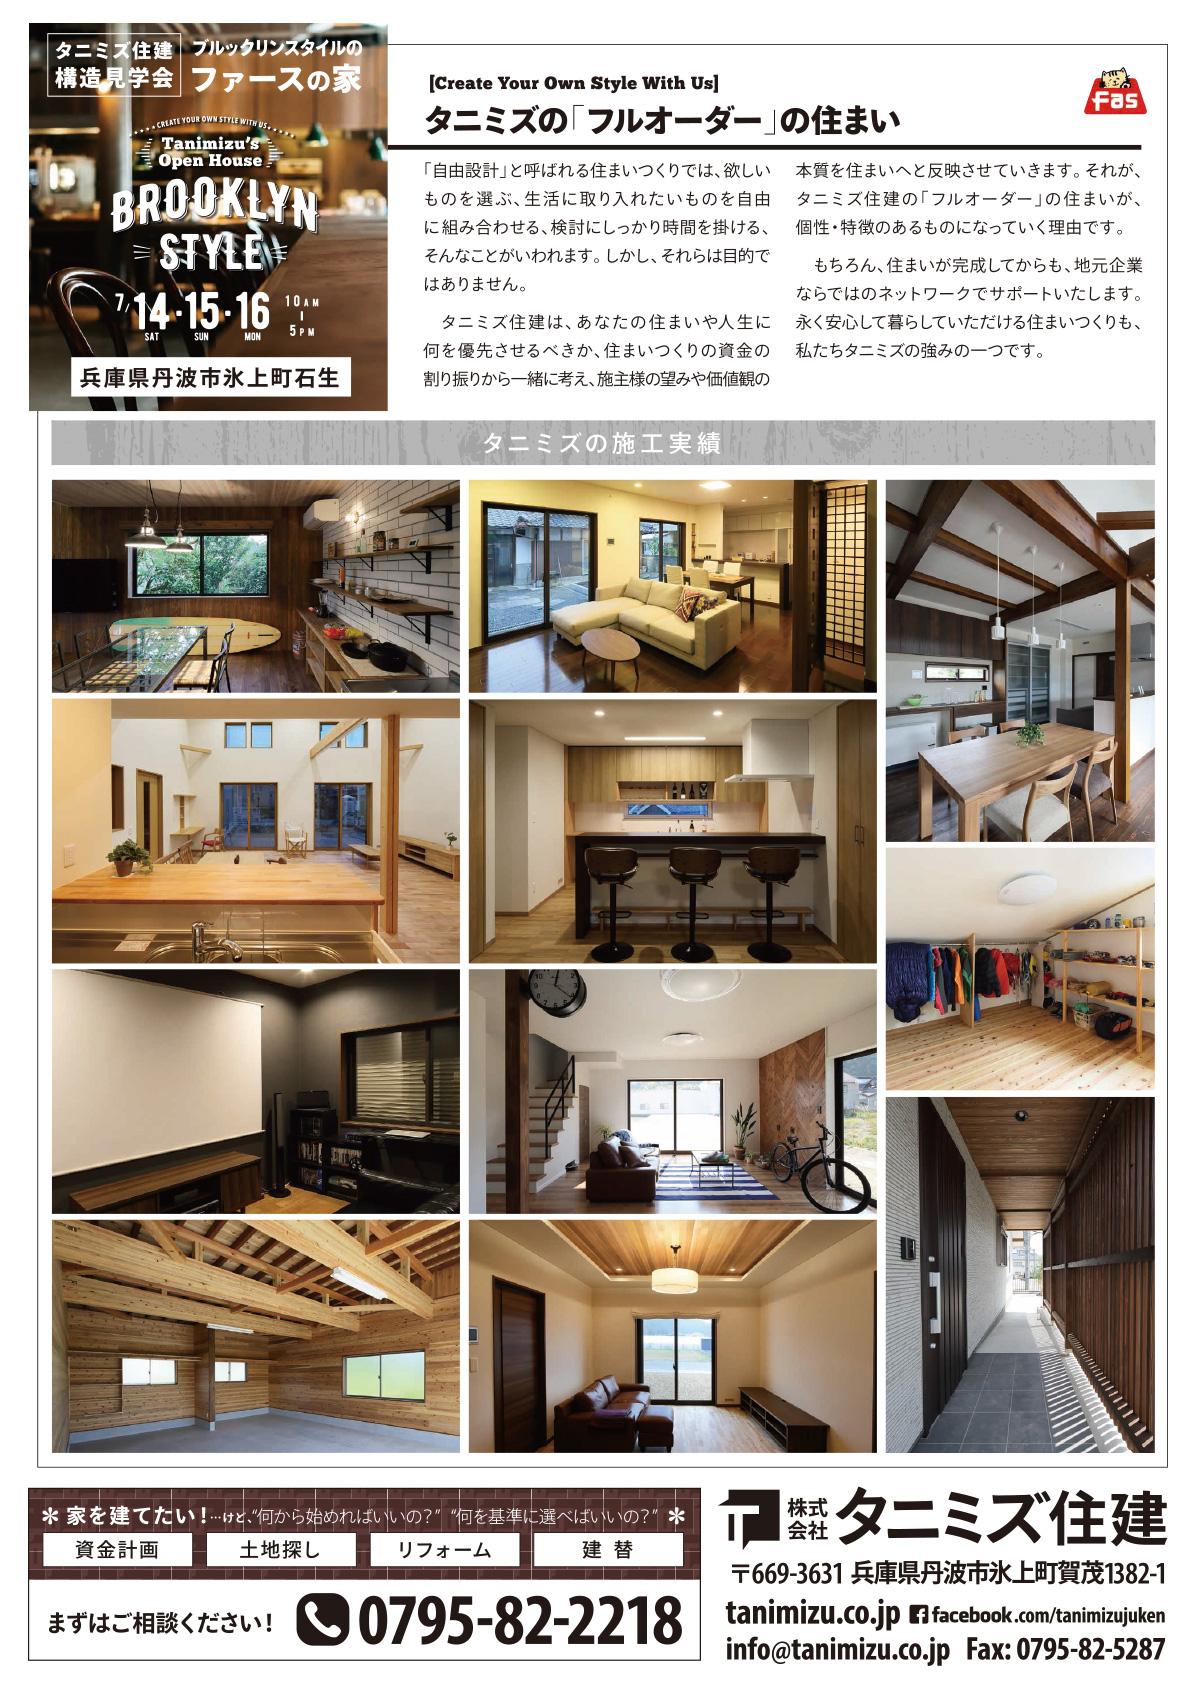 tanimizu-flyer-2018-07-12-ura.jpg